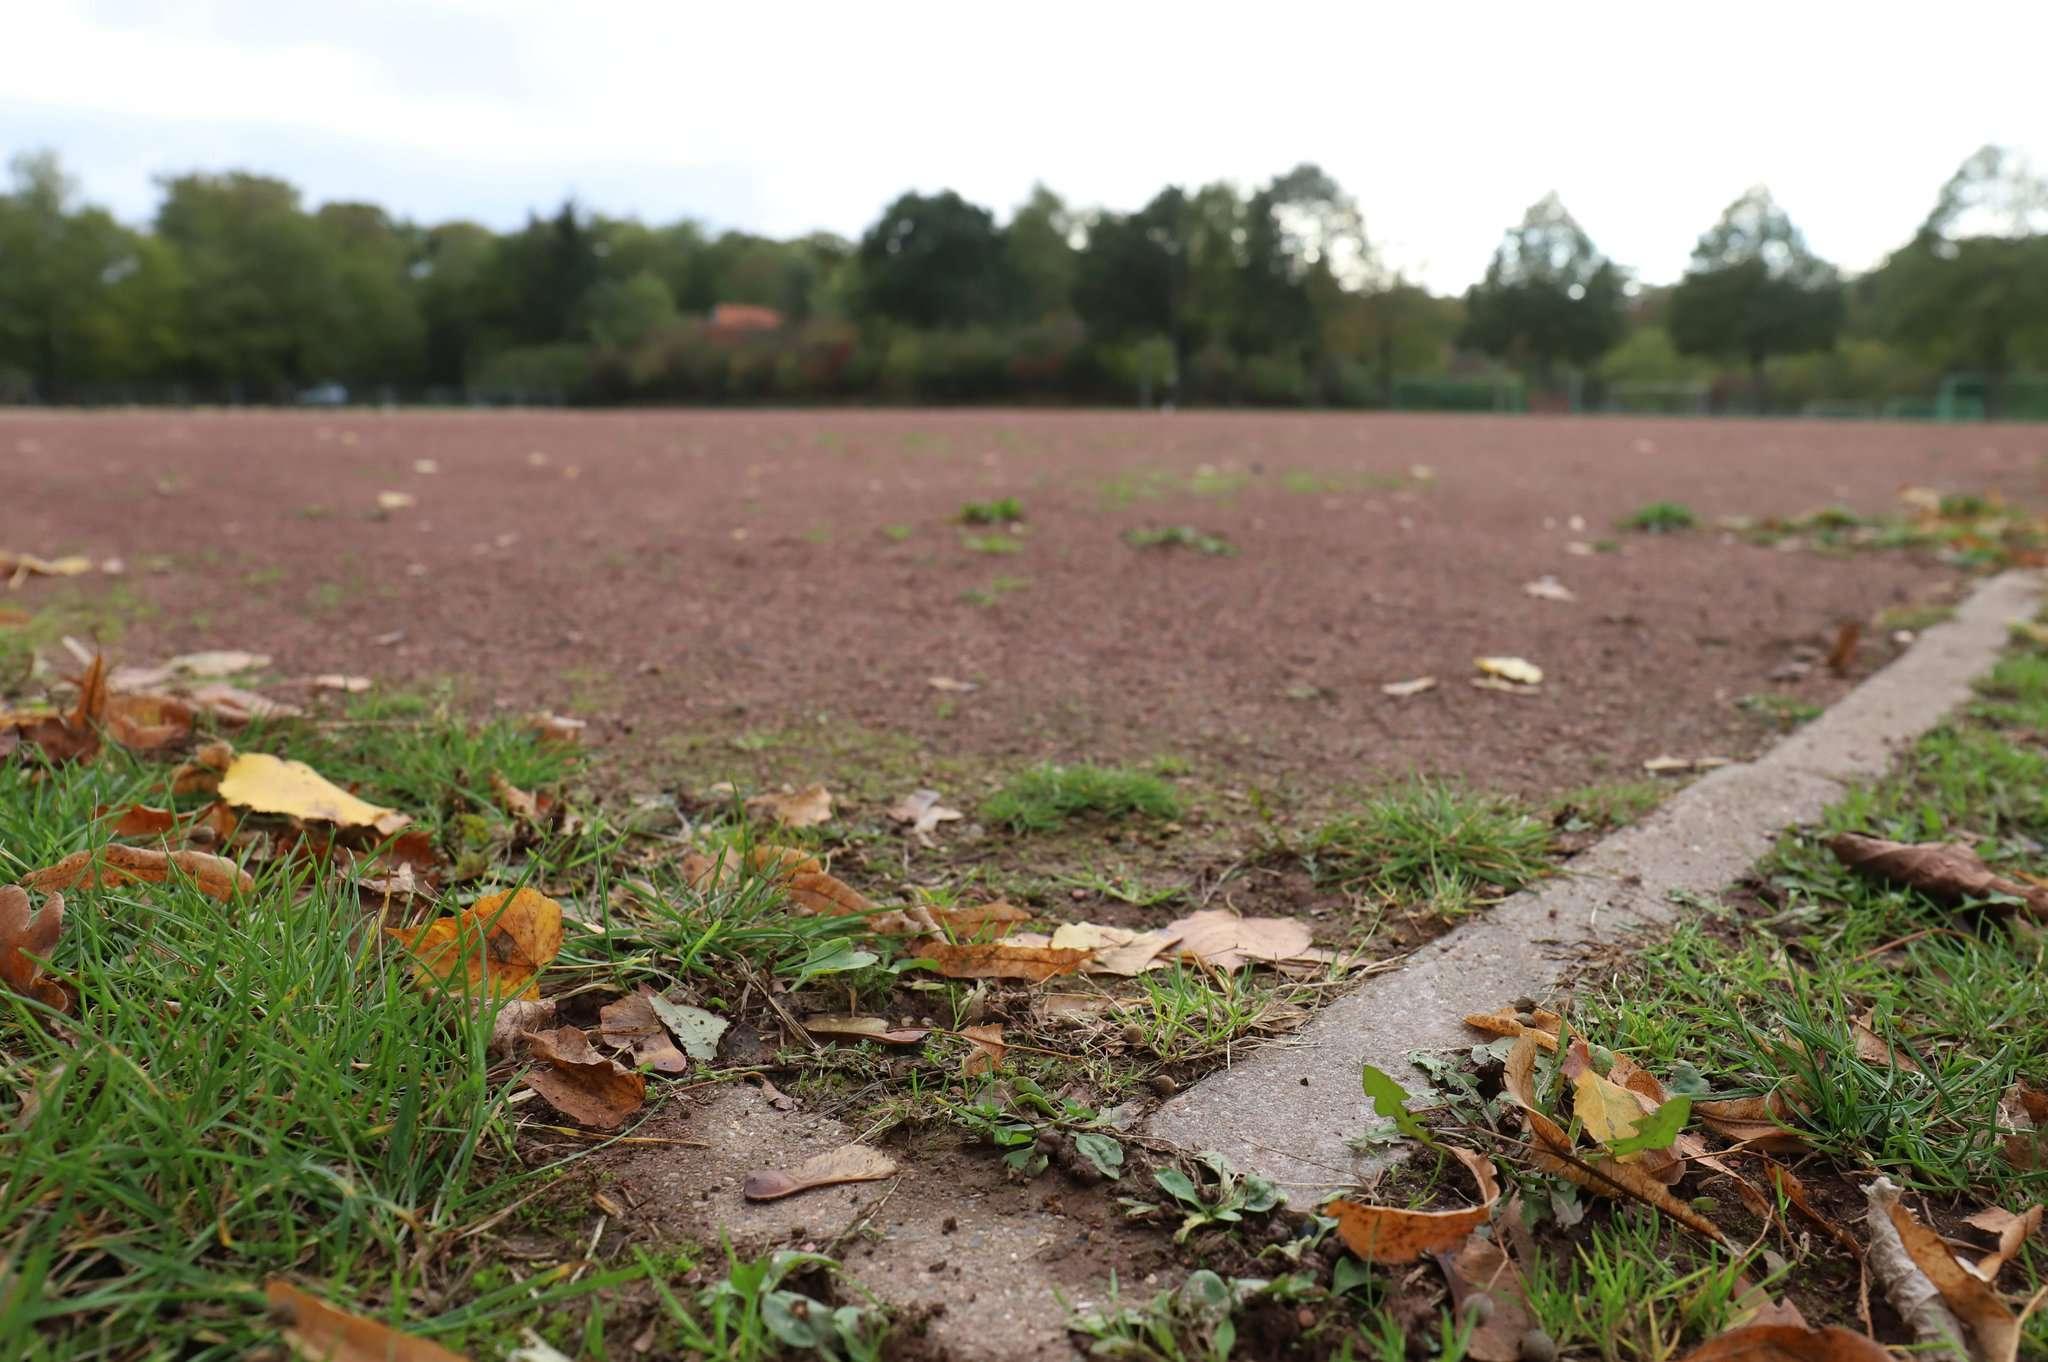 Winter- oder Kunstrasen? Diese Frage erhitzte in den vergangenen Monaten die Gemüter in Rotenburg. Ein Spendenangebot von Rolf Ludwig, Vorsitzender der ARS, soll nun den Ausschlag für den Winterrasen geben.